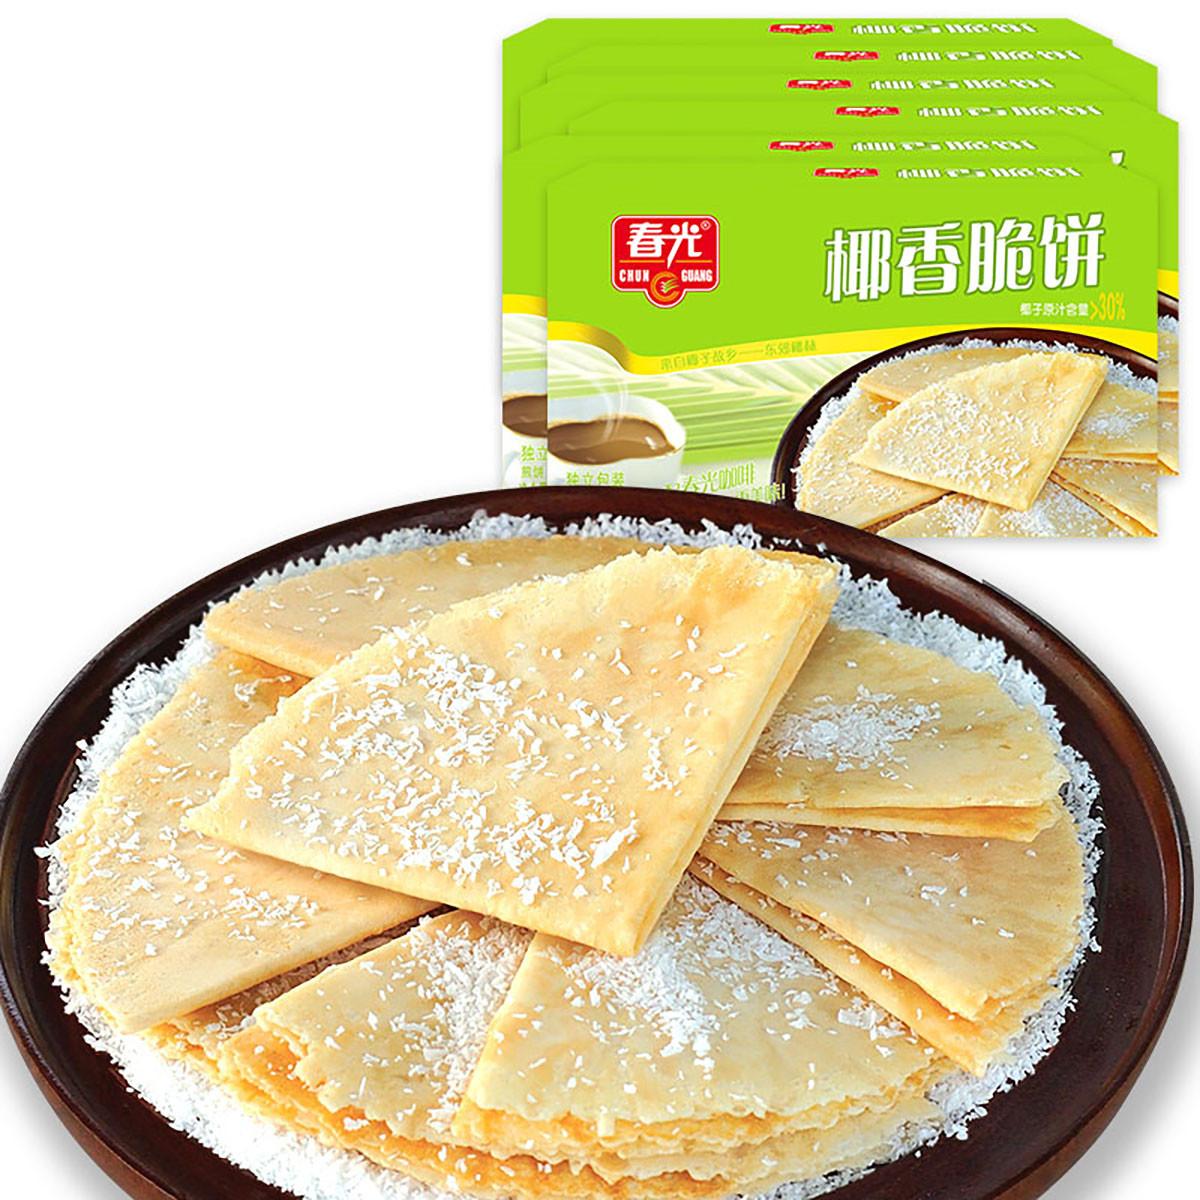 春光海南特产休闲食品早餐代餐下午茶饼干椰香脆饼105g*6盒COLOR其它颜色